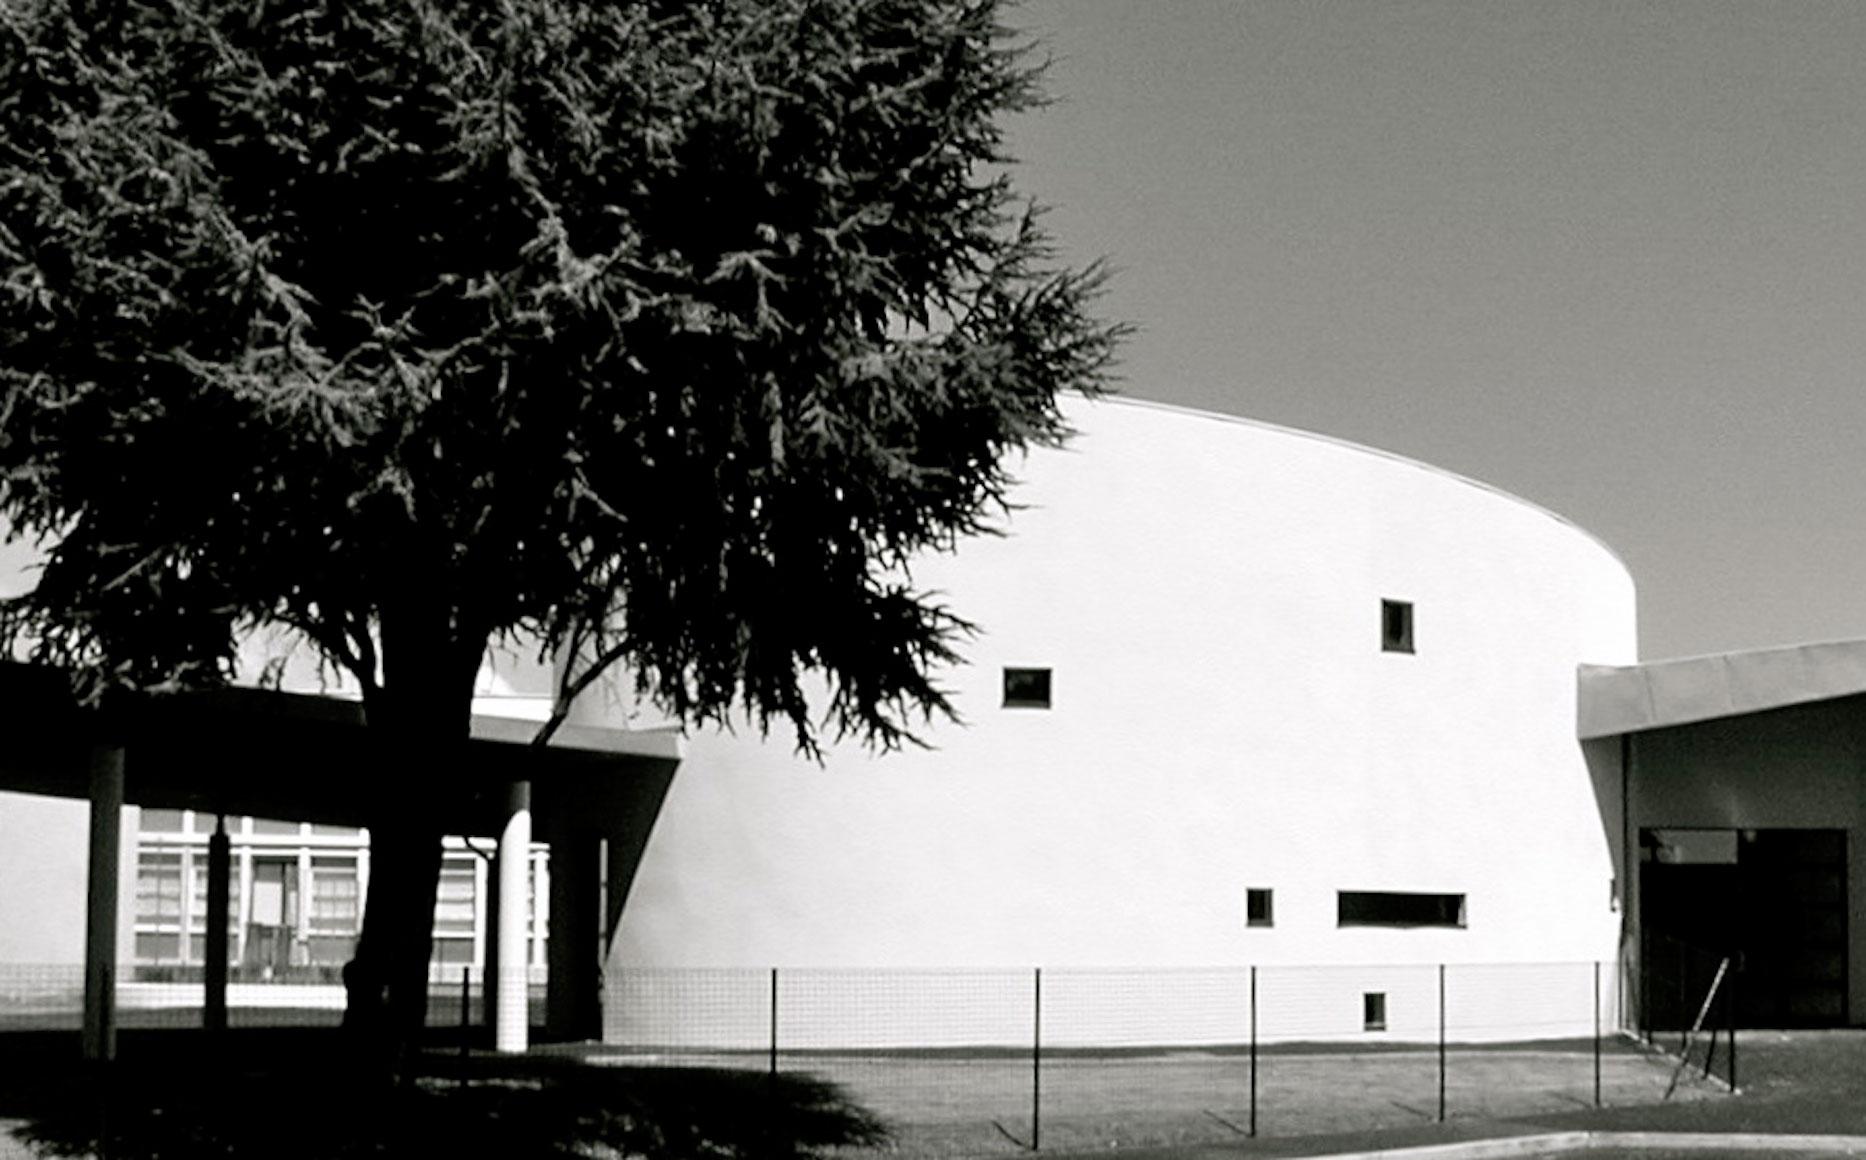 cole maternelle thoissey atp architecte tornier philippe cabinet d 39 architecte lyon. Black Bedroom Furniture Sets. Home Design Ideas